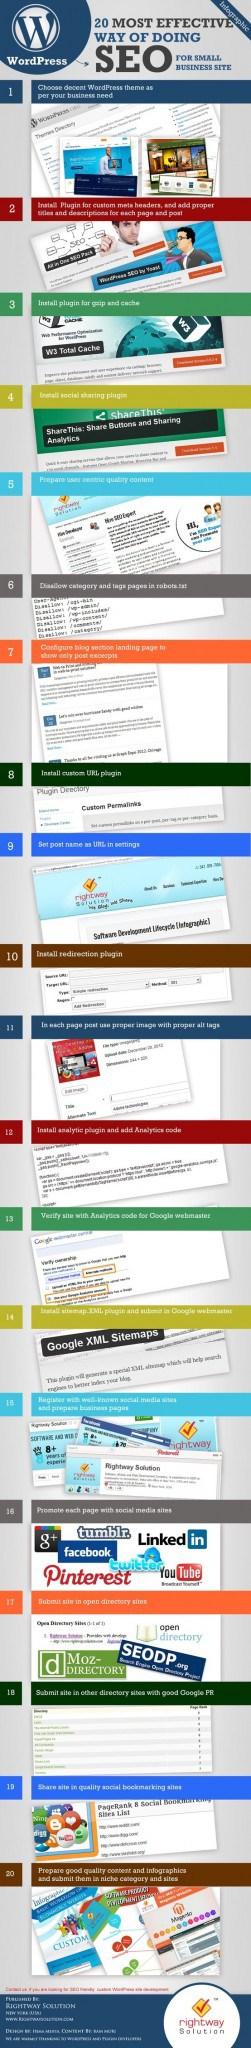 20 manieren om effectief SEO toe te passen (infographic